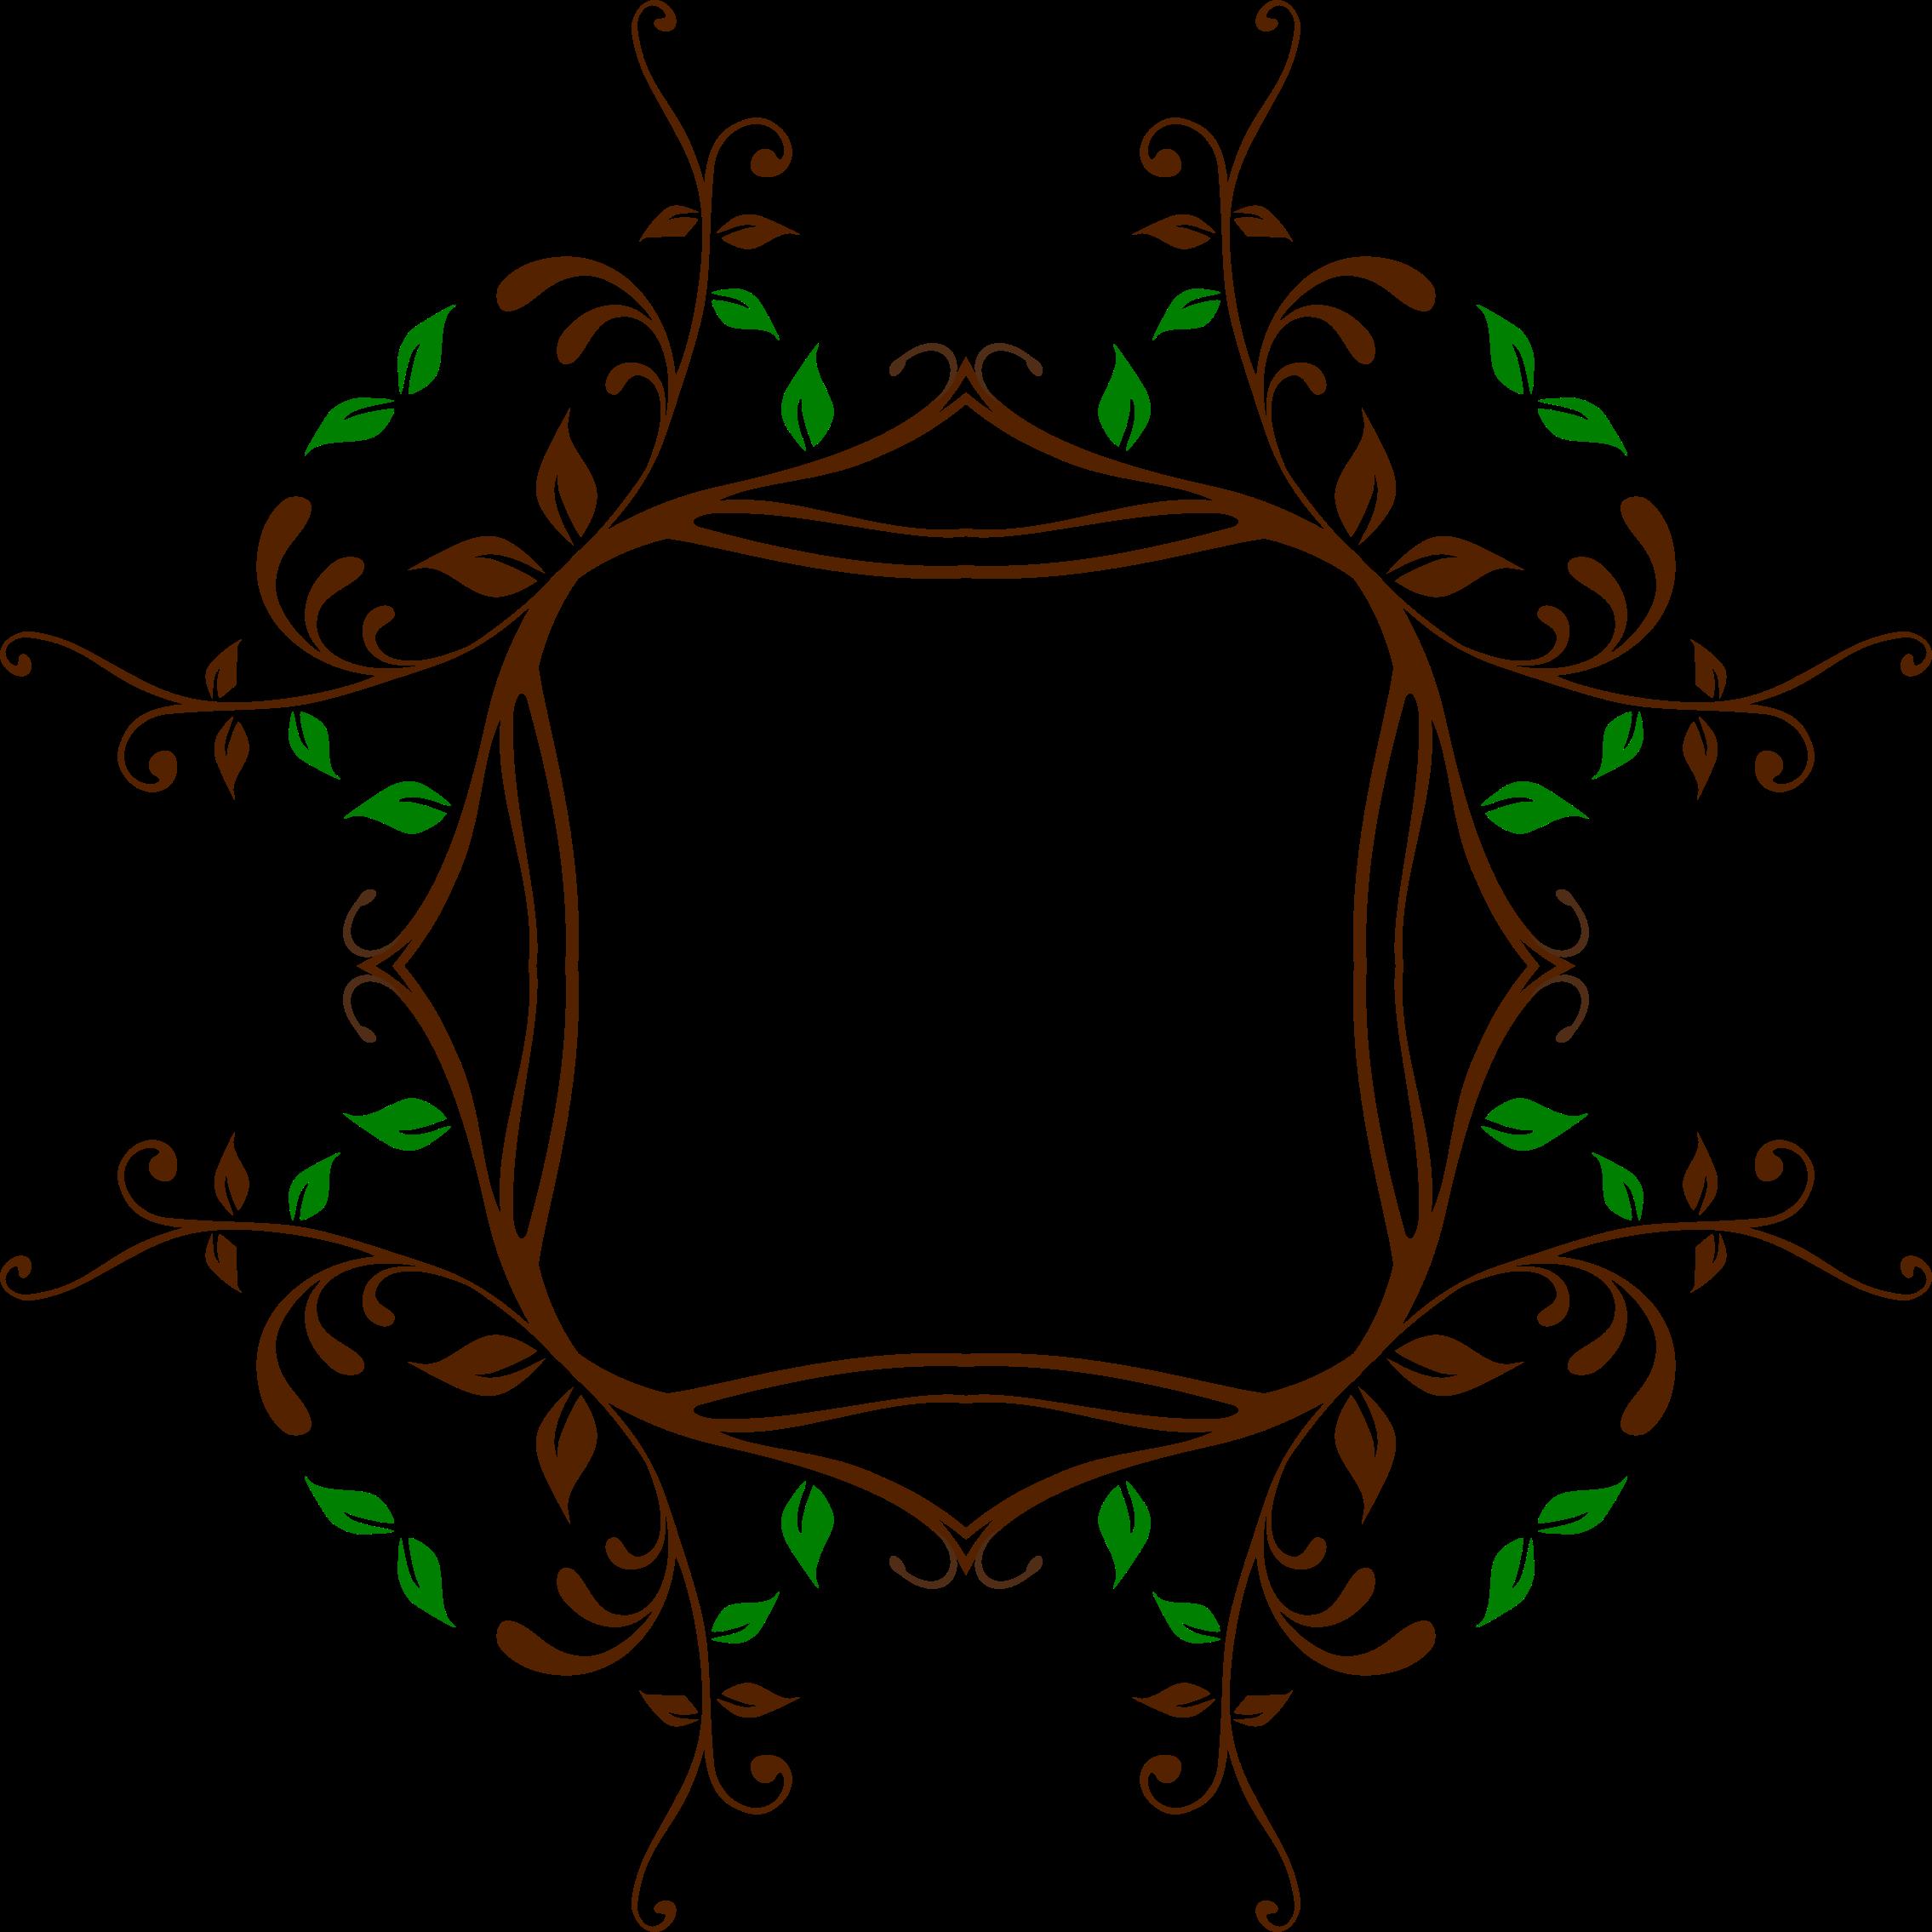 Leafy Vine Frame 4 by GDJ Leafy Vine Clipart